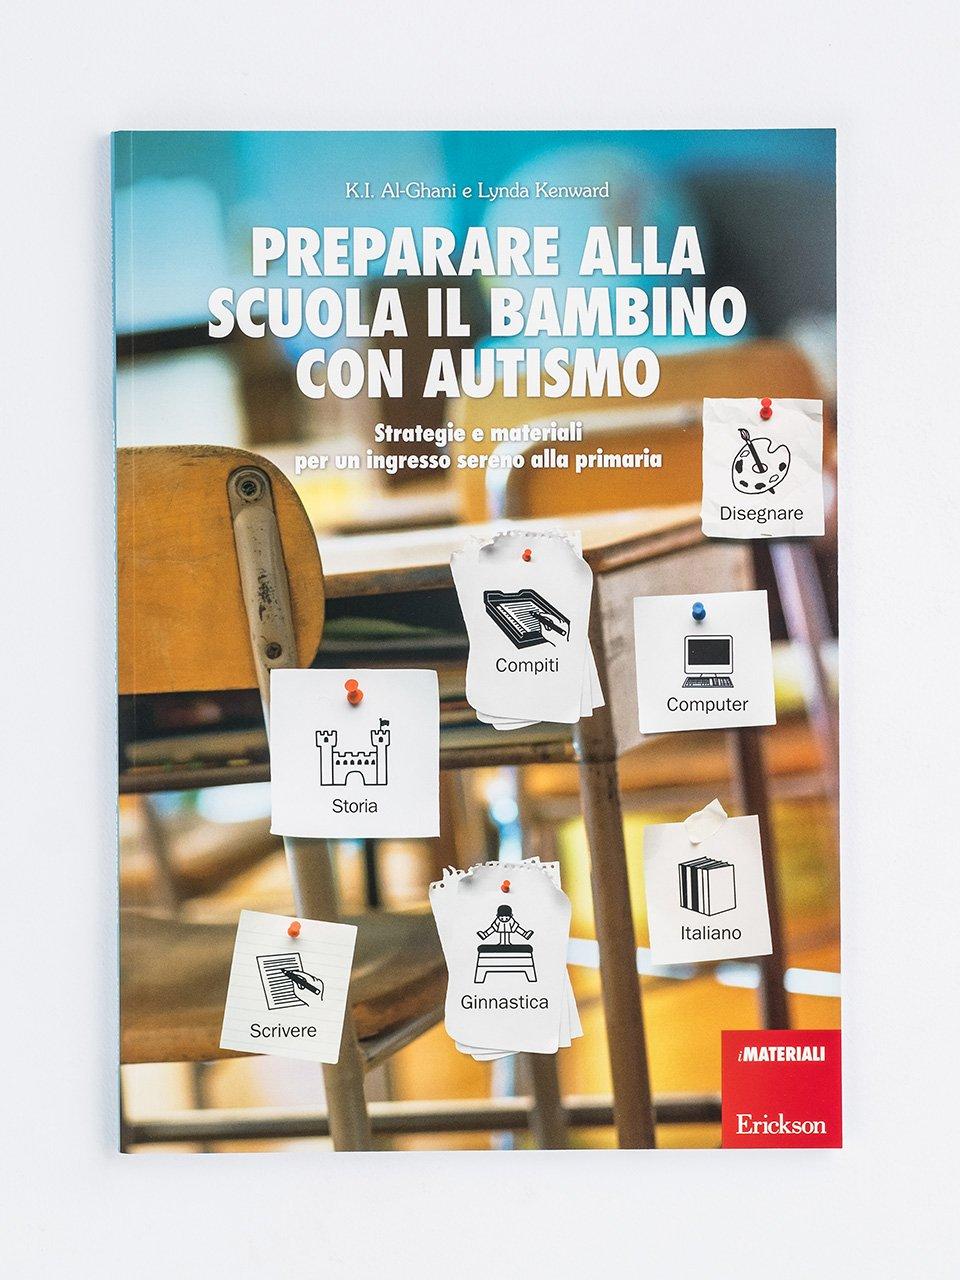 Preparare alla scuola il bambino con autismo - Il nostro autismo quotidiano - Libri - Erickson